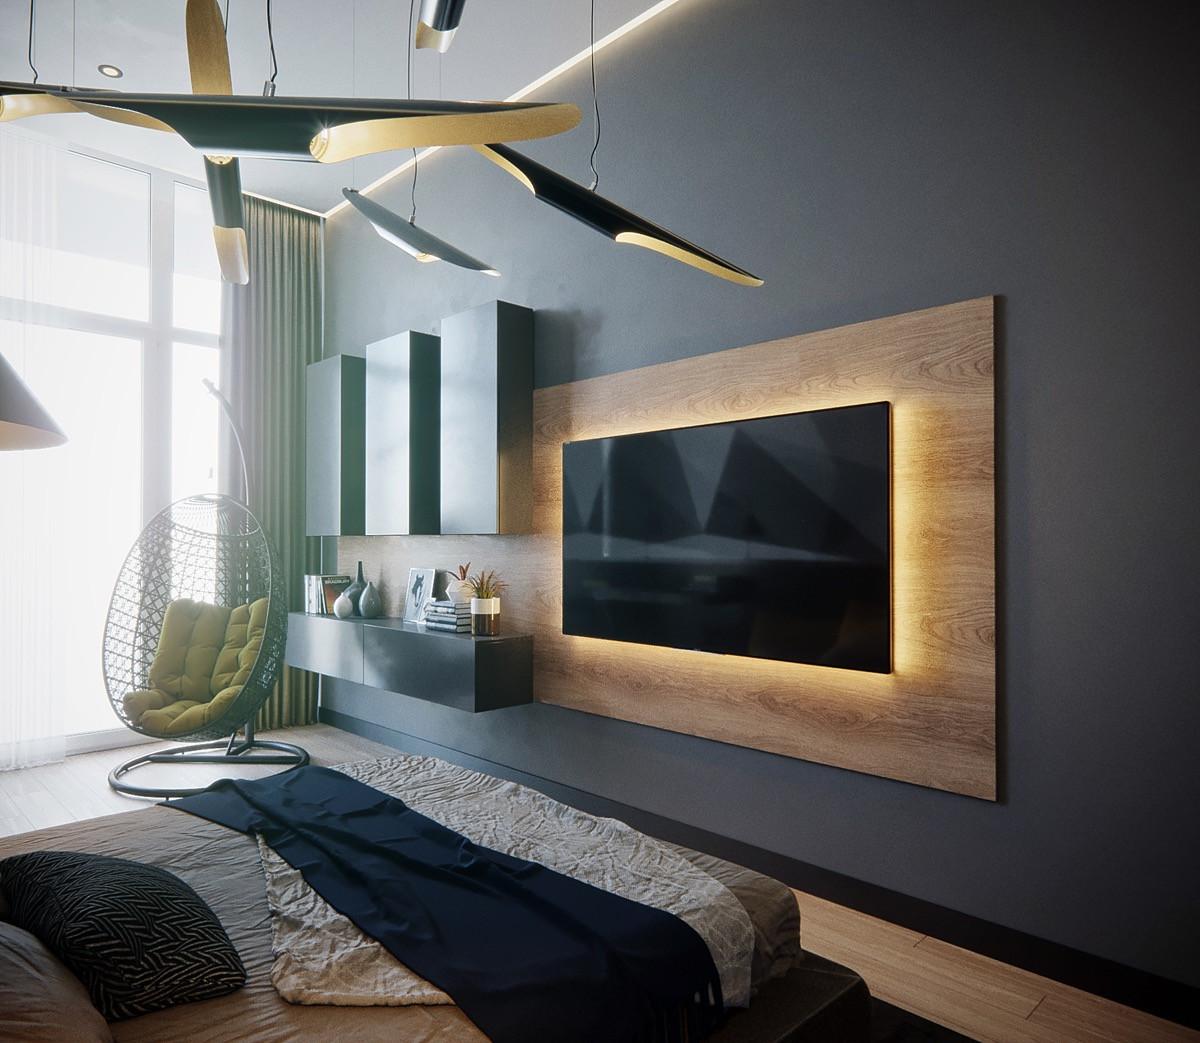 أفكار لتعليق التلفزيون في الجدار- عمل إضاءة خلف الشاشة